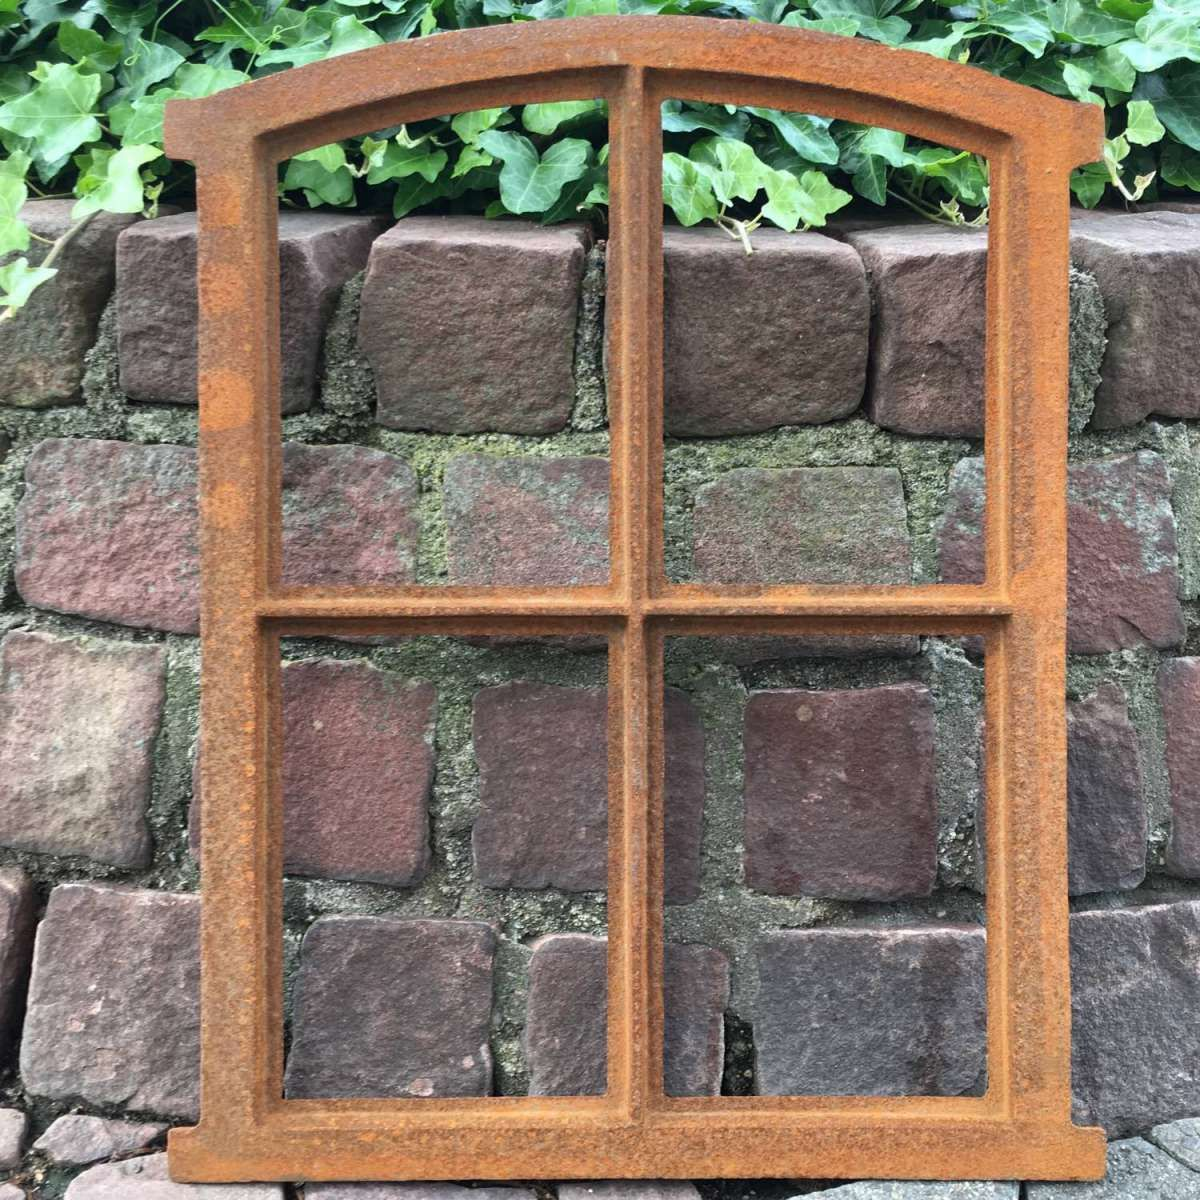 Nostalgie Stallfenster 23x39cm Bogen Fenster Eisen Gusseisen antik Stil Rost